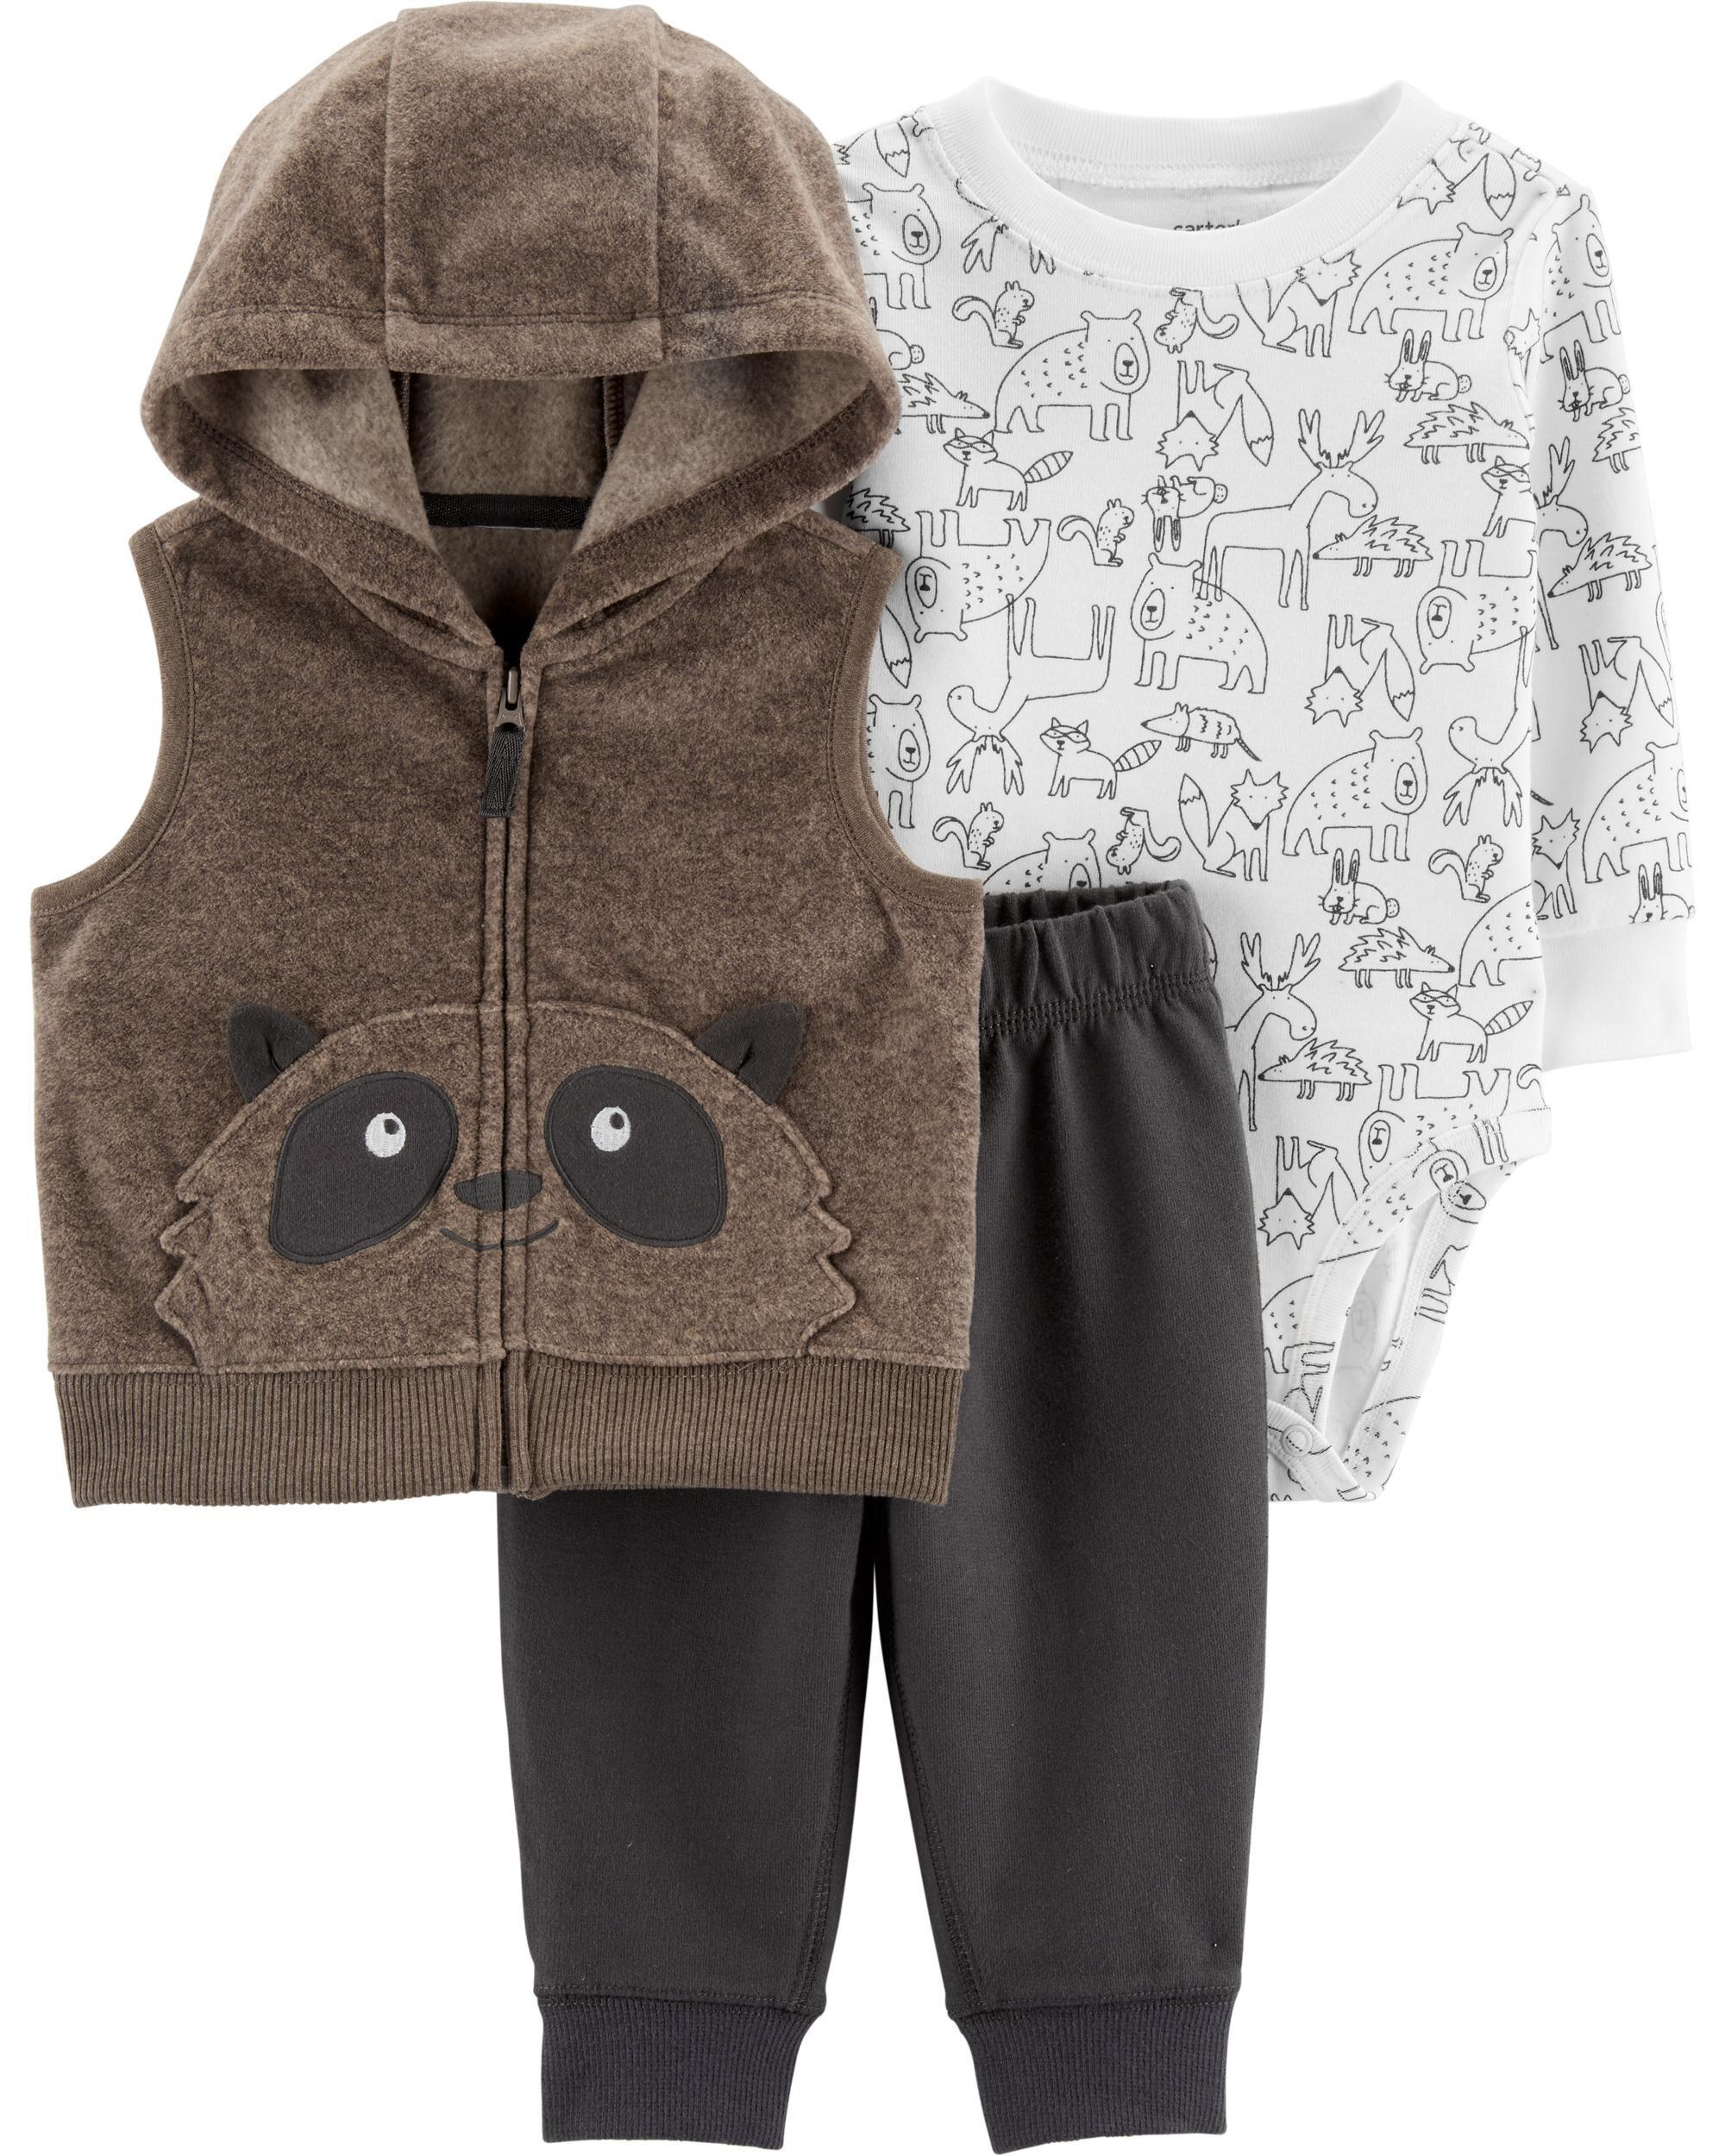 *CLEARANCE* 3-Piece Raccoon Little Vest Set